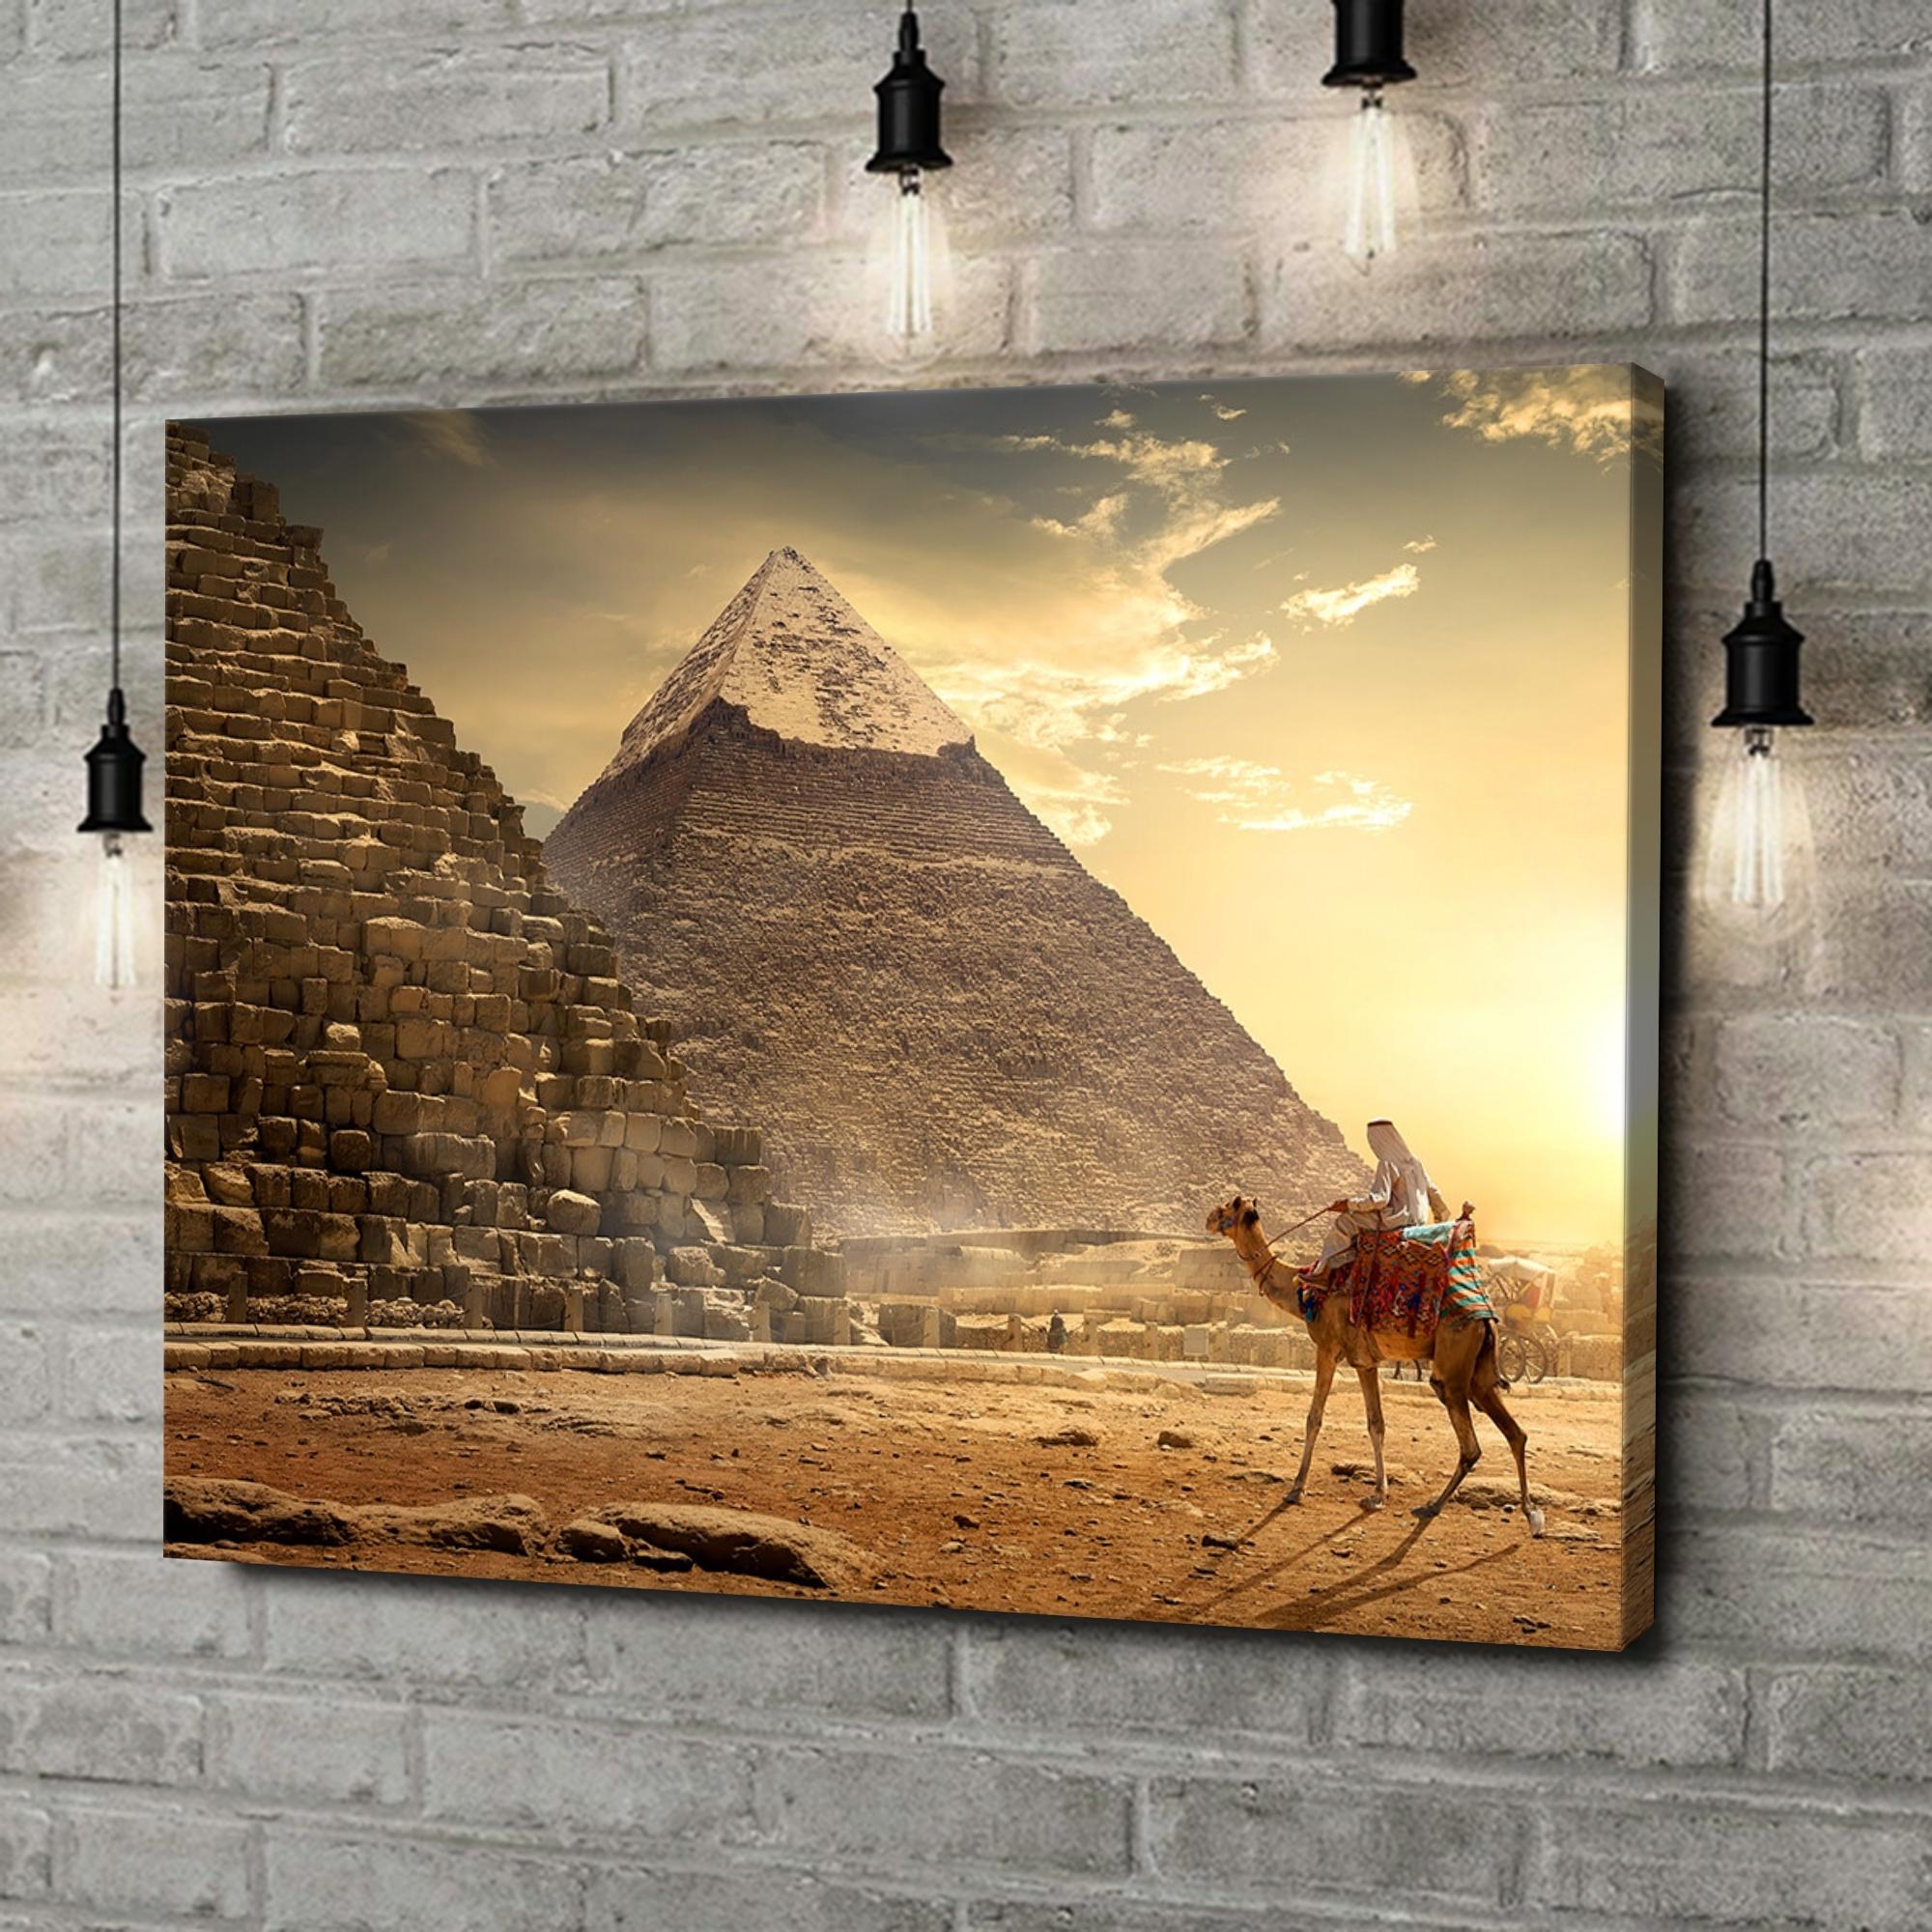 Leinwandbild personalisiert Pyramiden